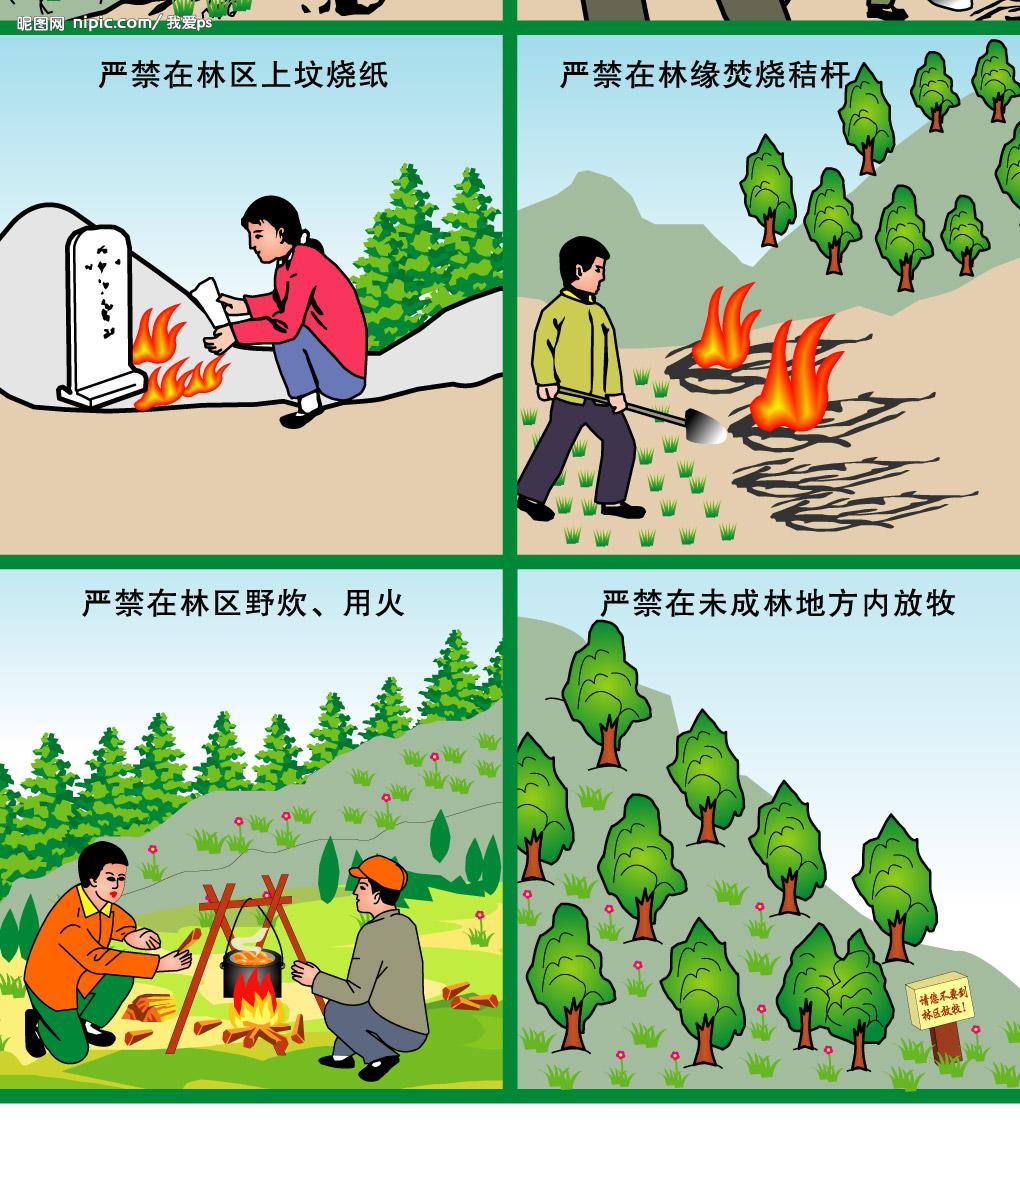 林州市东姚镇森林防火早动手